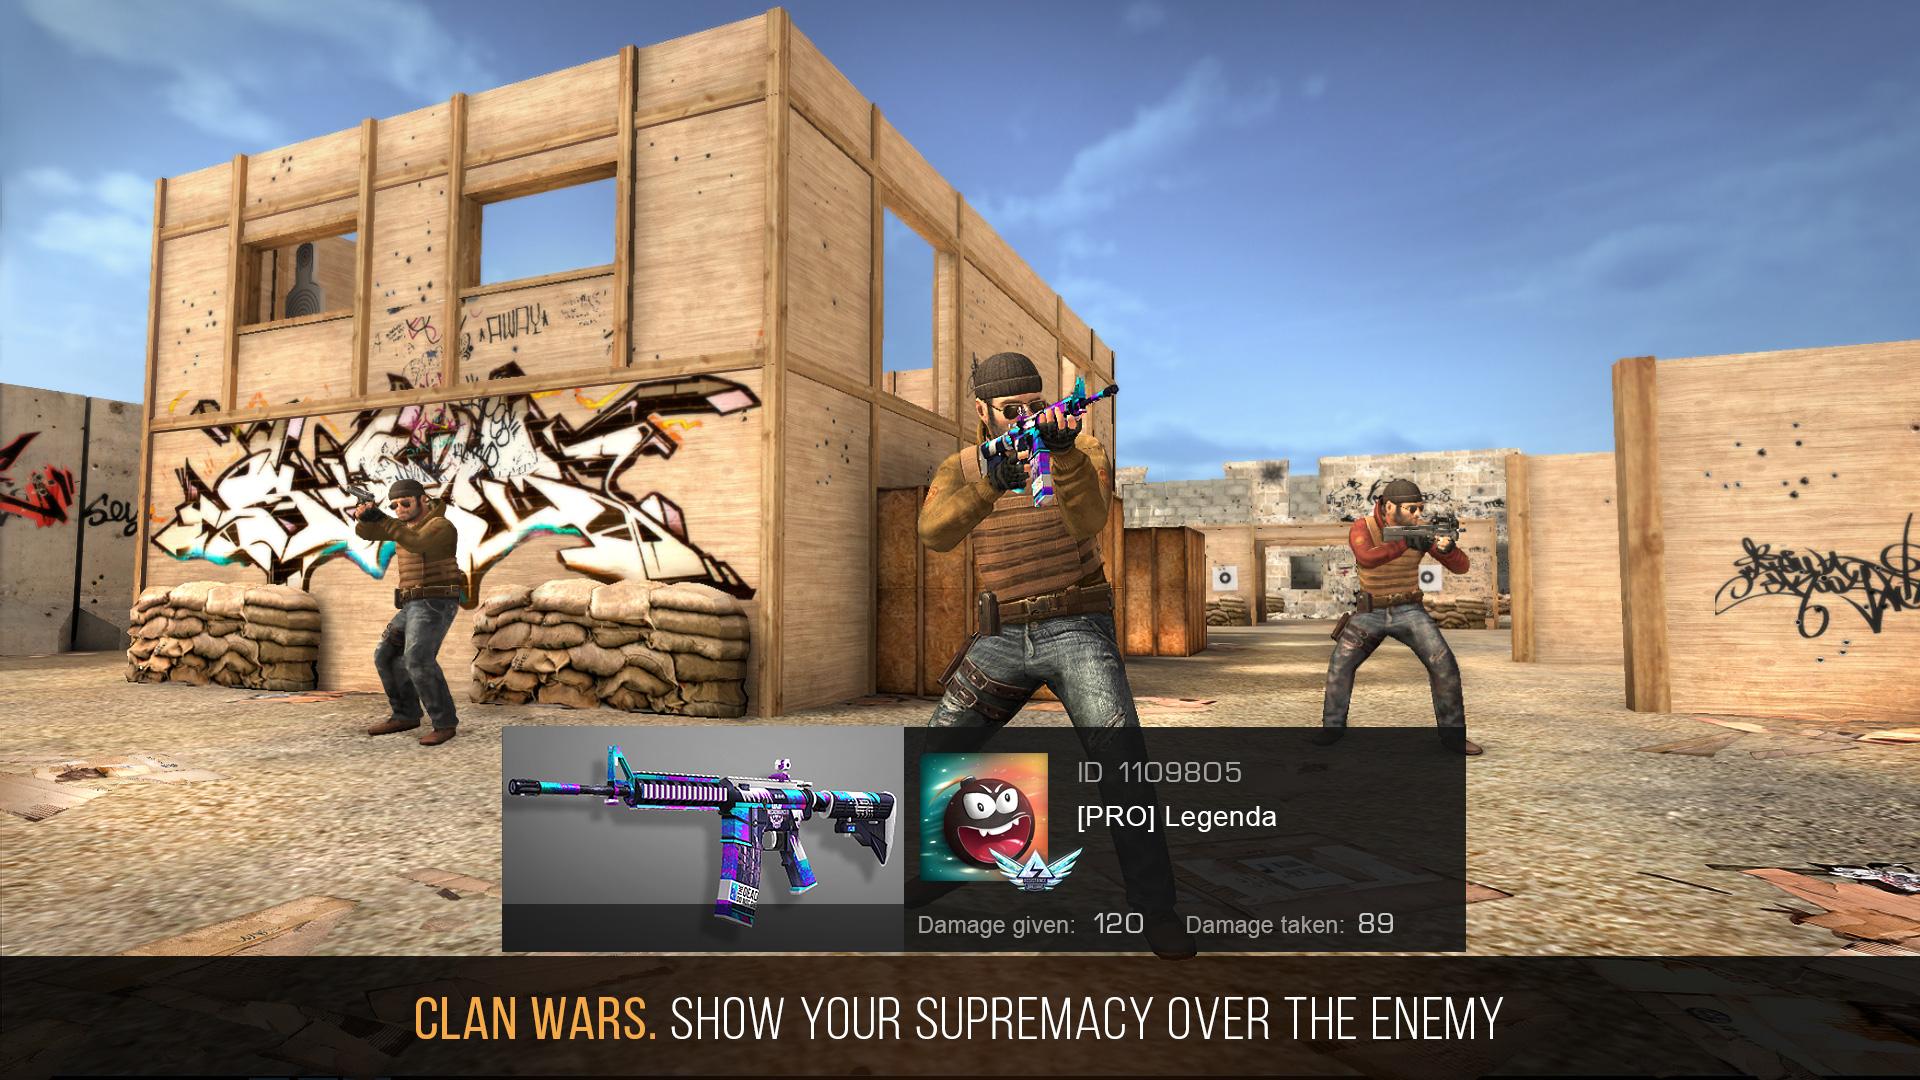 Đến bây giờ, đây vẫn là siêu phẩm FPS đúng chất Counter-Strike chuẩn nhất trên Mobile - Ảnh 5.